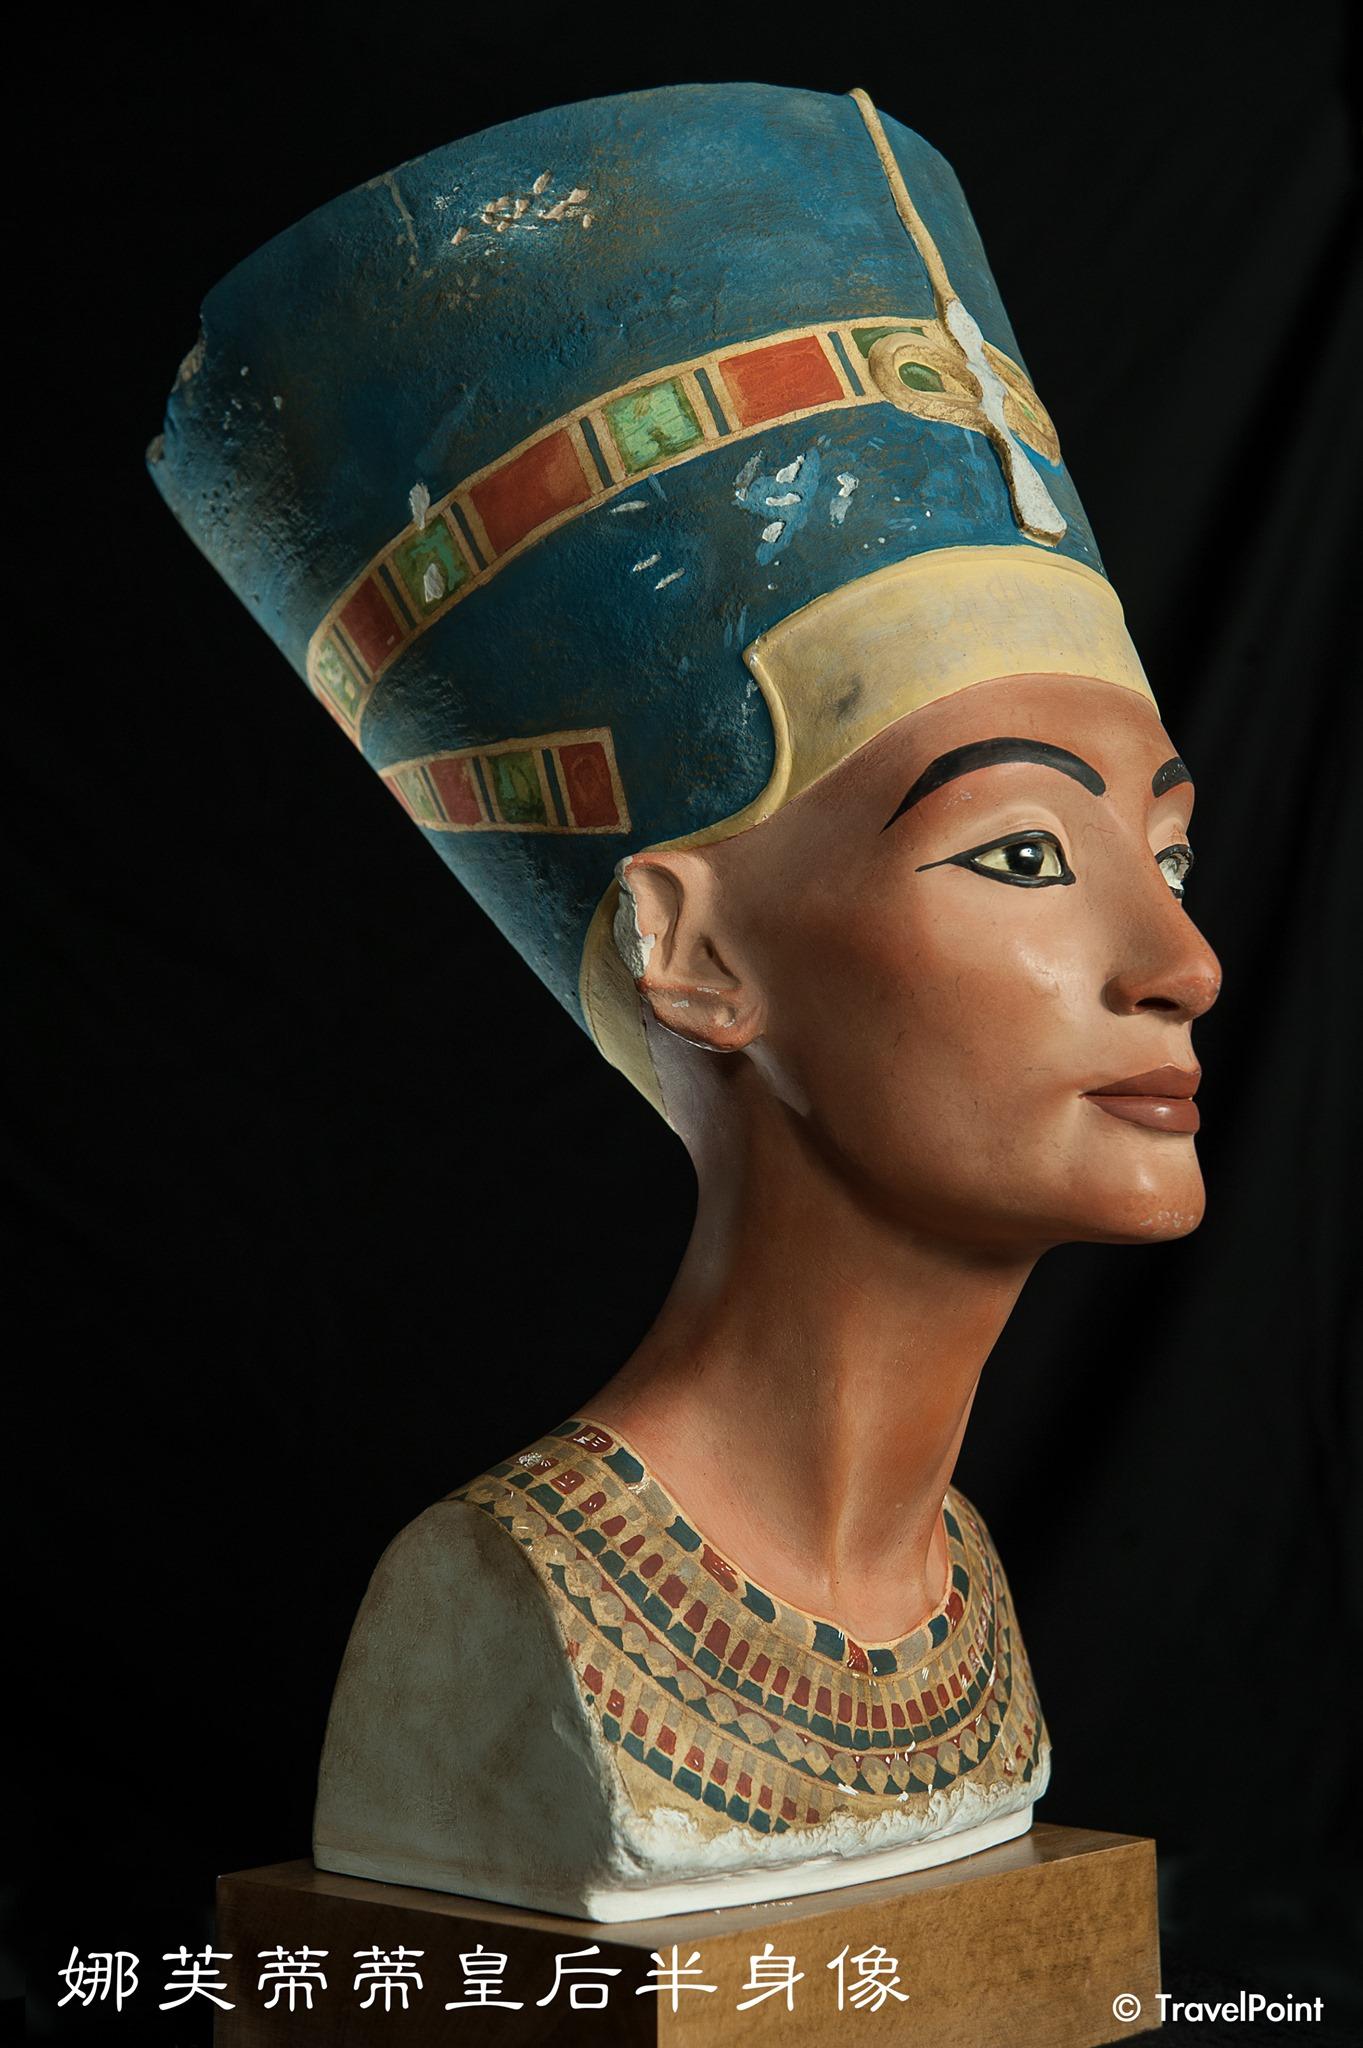 20200117-20200405圖坦卡門-法老王的黃金寶藏特展 娜芙蒂蒂皇后半身像